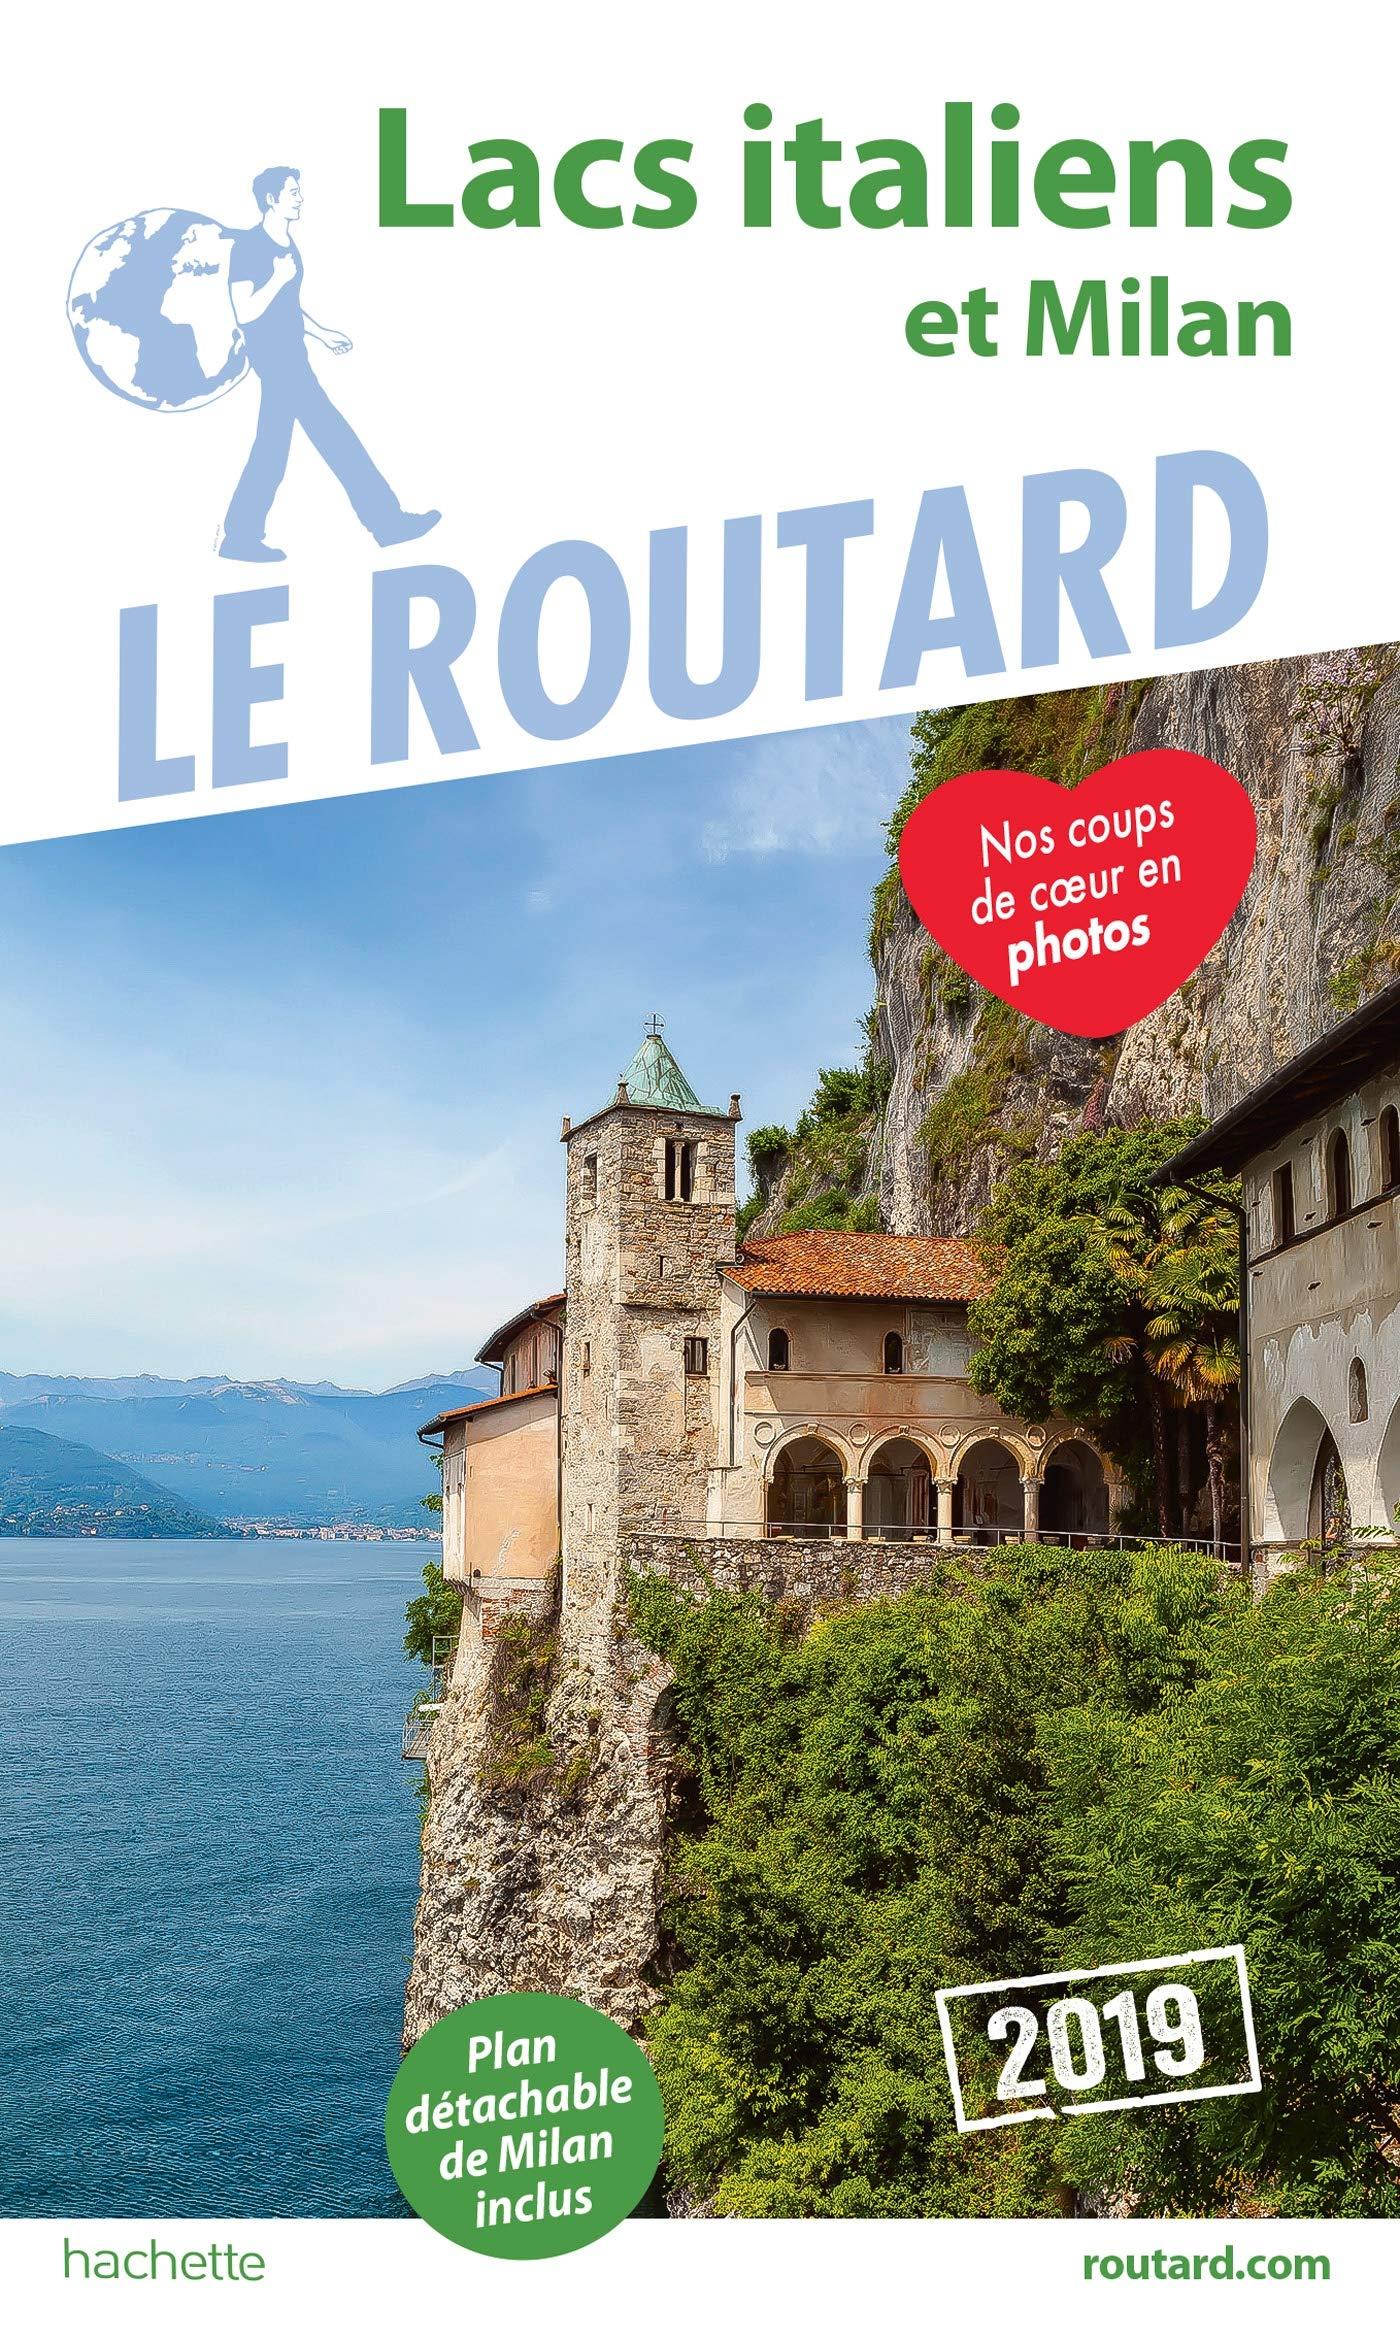 Guide du Routard Lacs italiens et Milan 2019 Broché – 14 novembre 2018 Collectif Hachette Tourisme 2016267402 TRAVEL / General